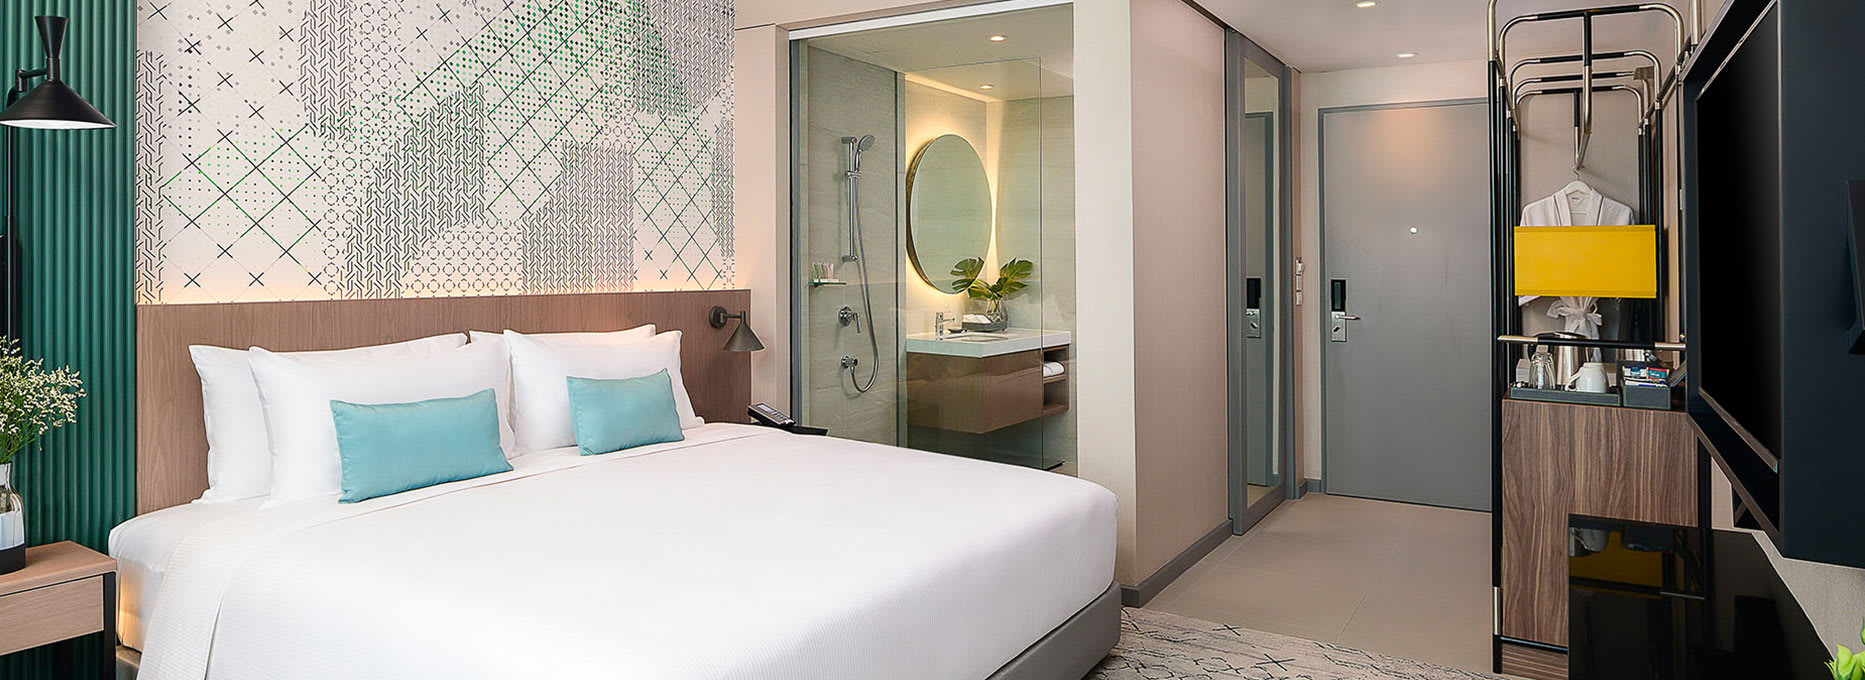 Avani Room - King